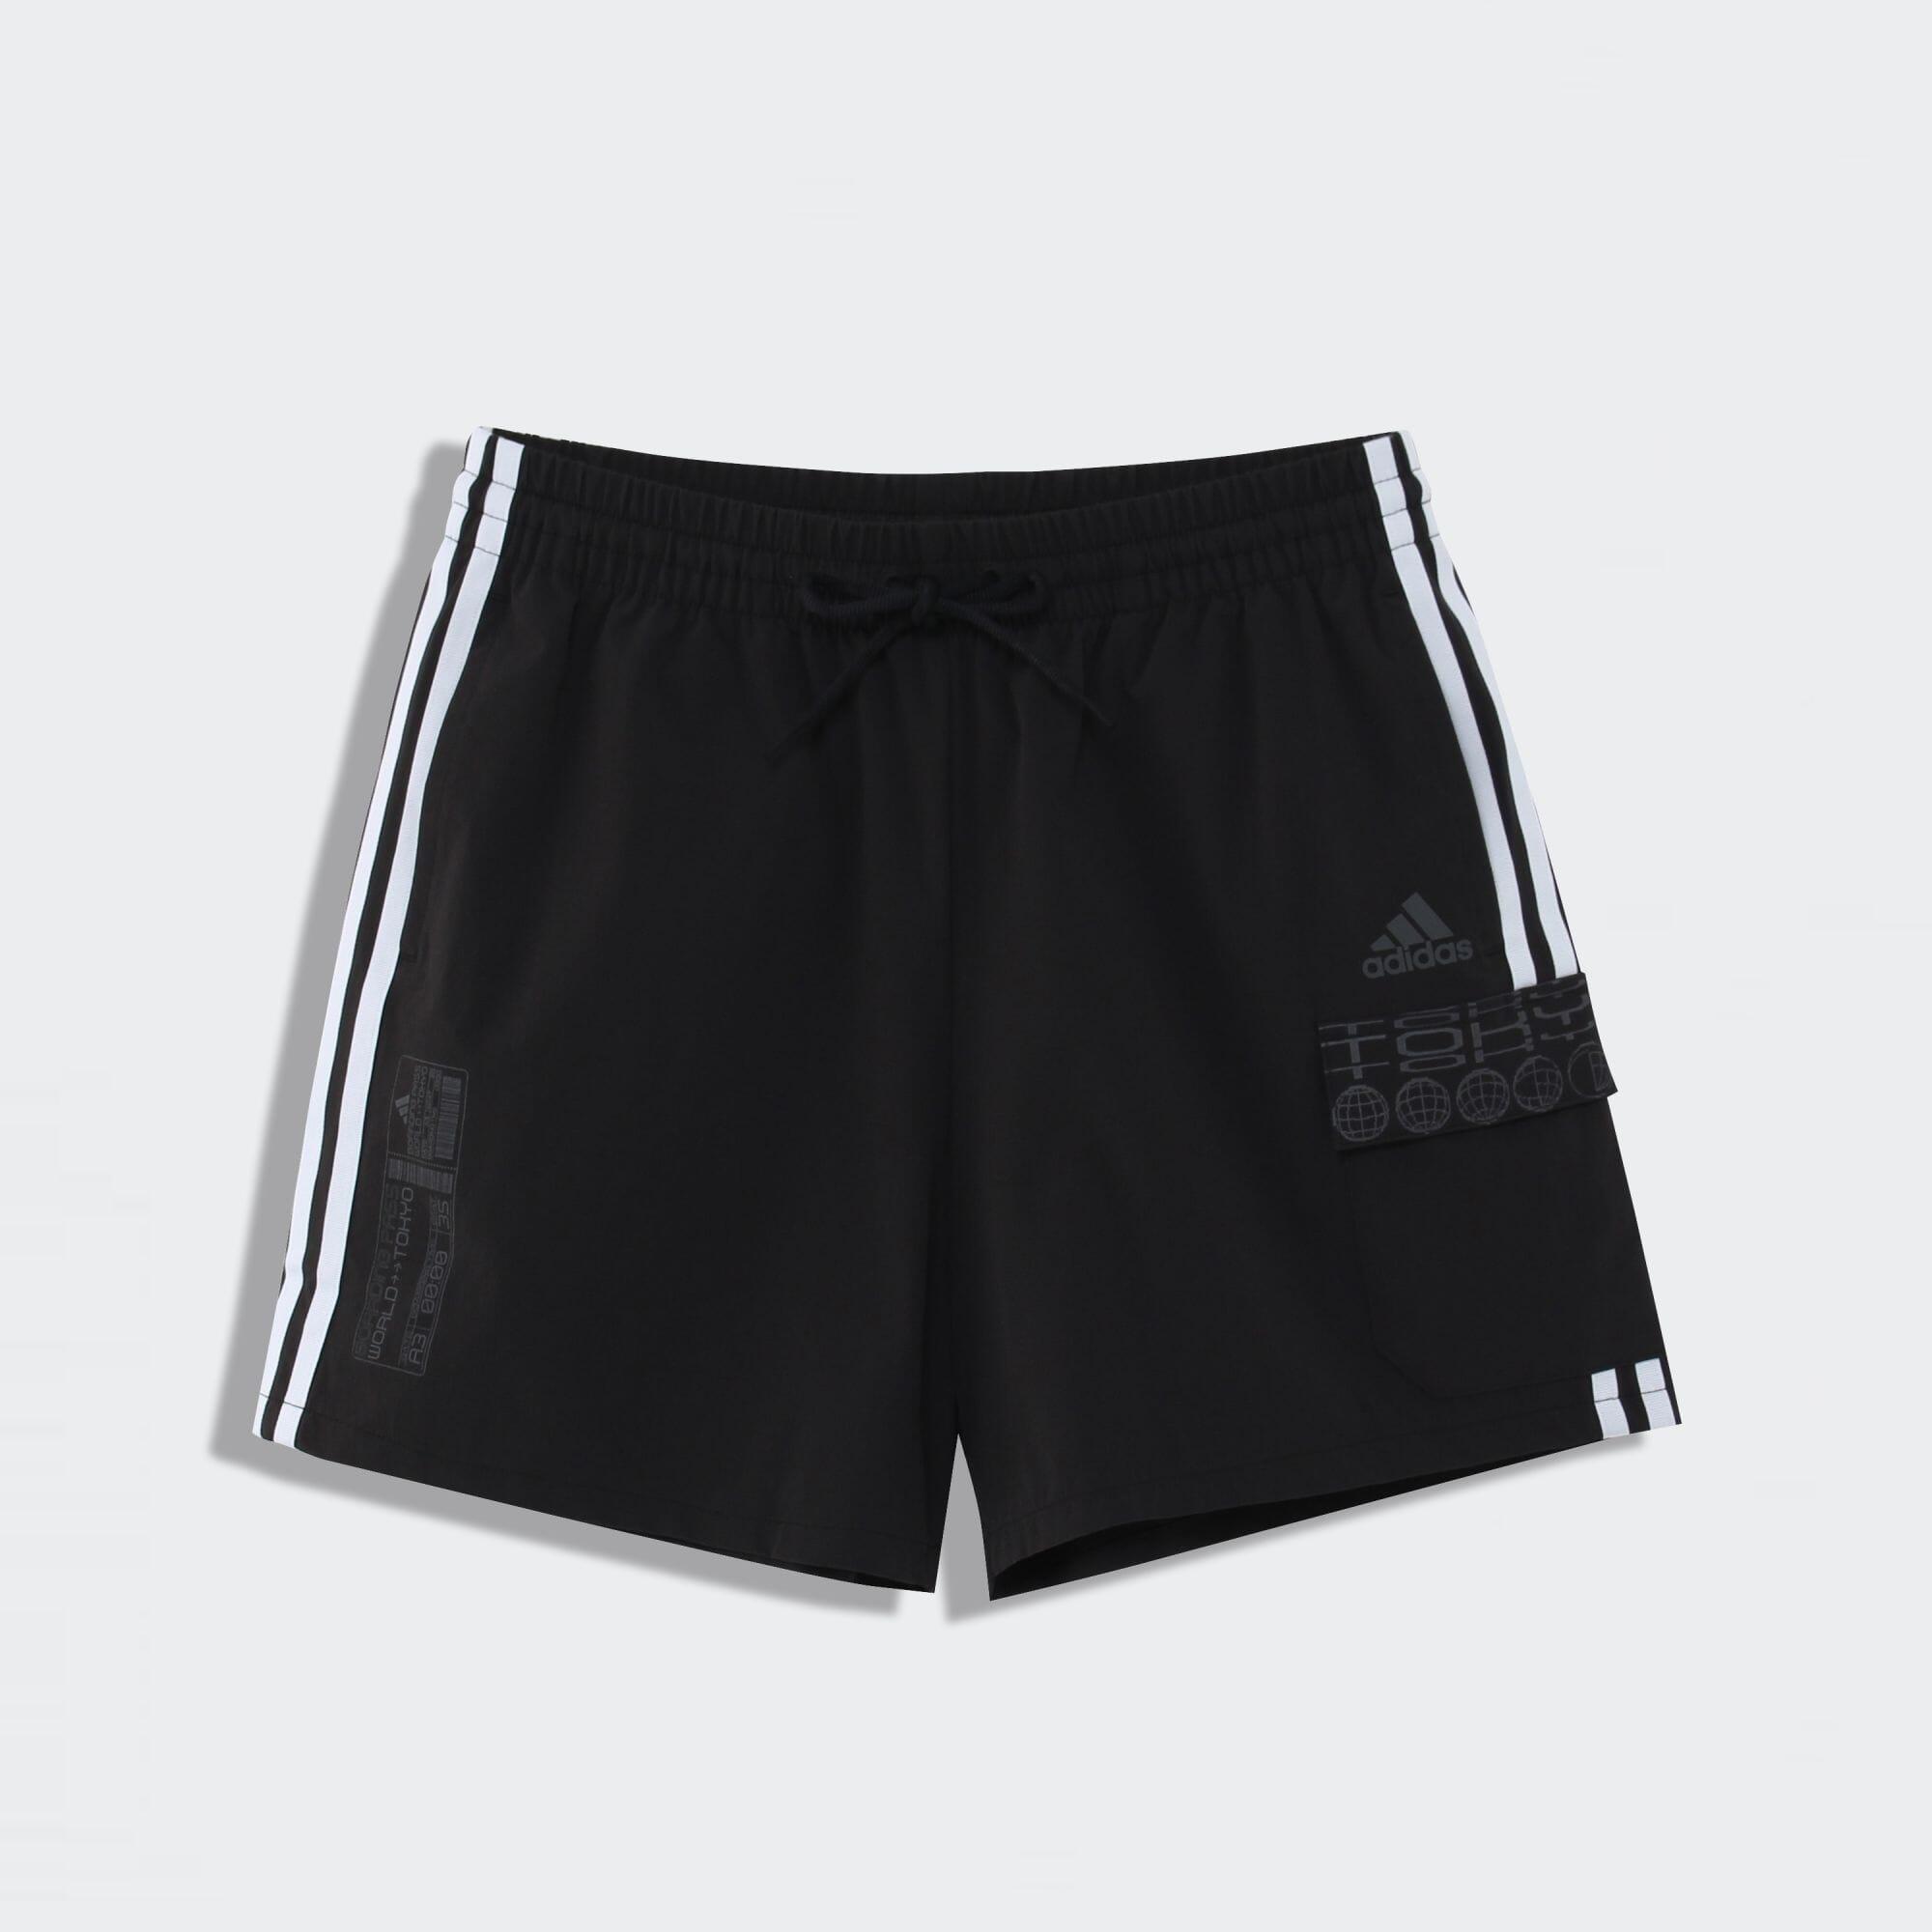 ID カーゴショーツ / ID Cargo Shorts